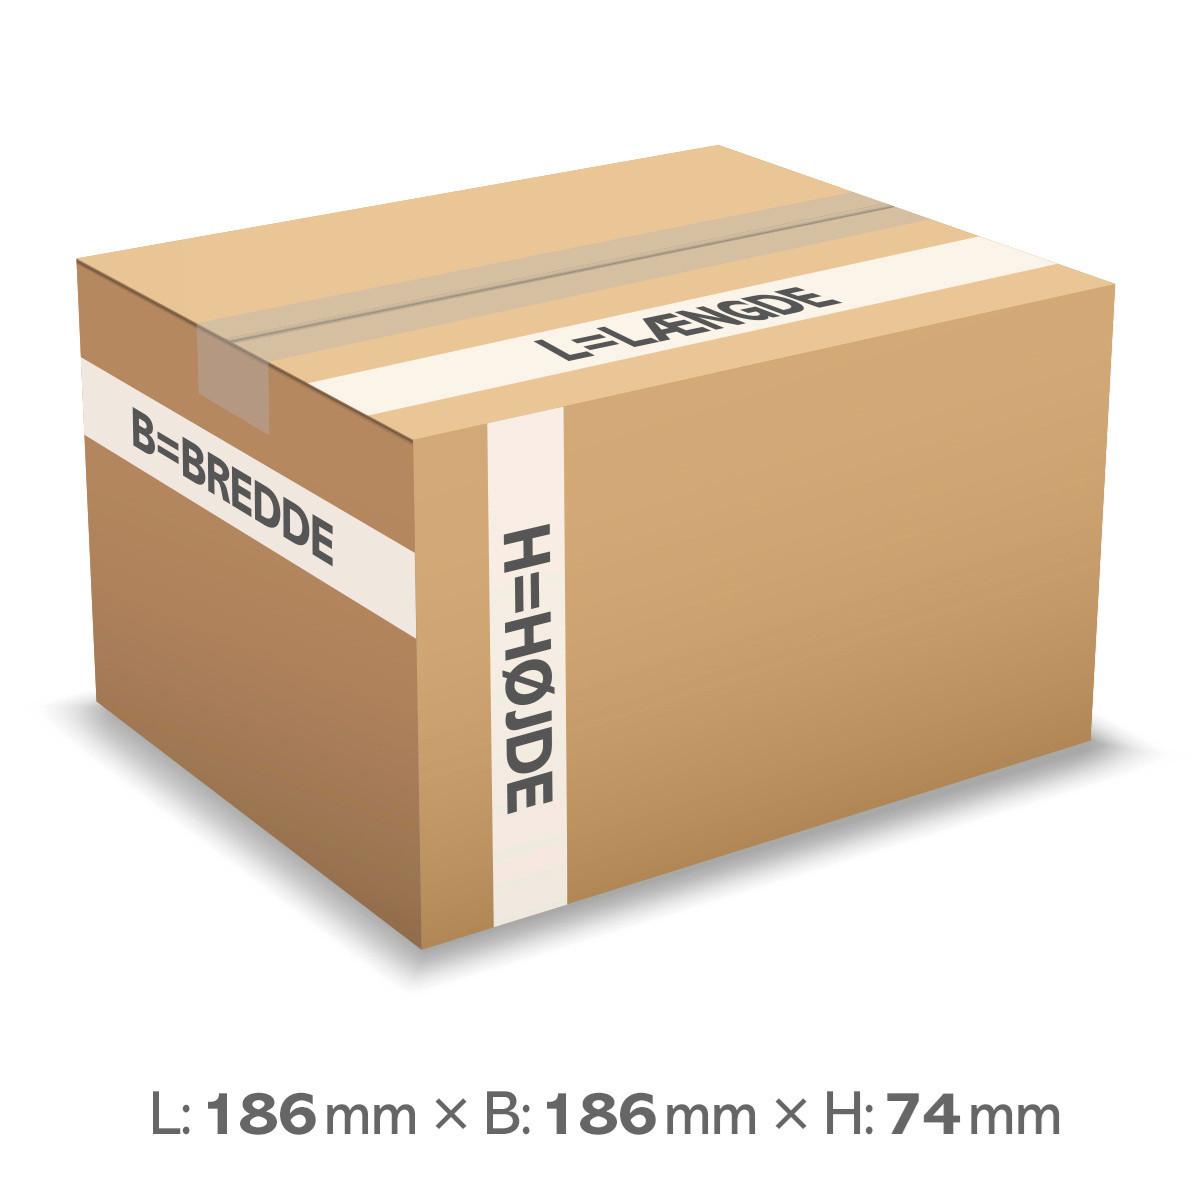 Billige papkasser 648 - 2L - 3mm - 186 x 186 x 74 mm